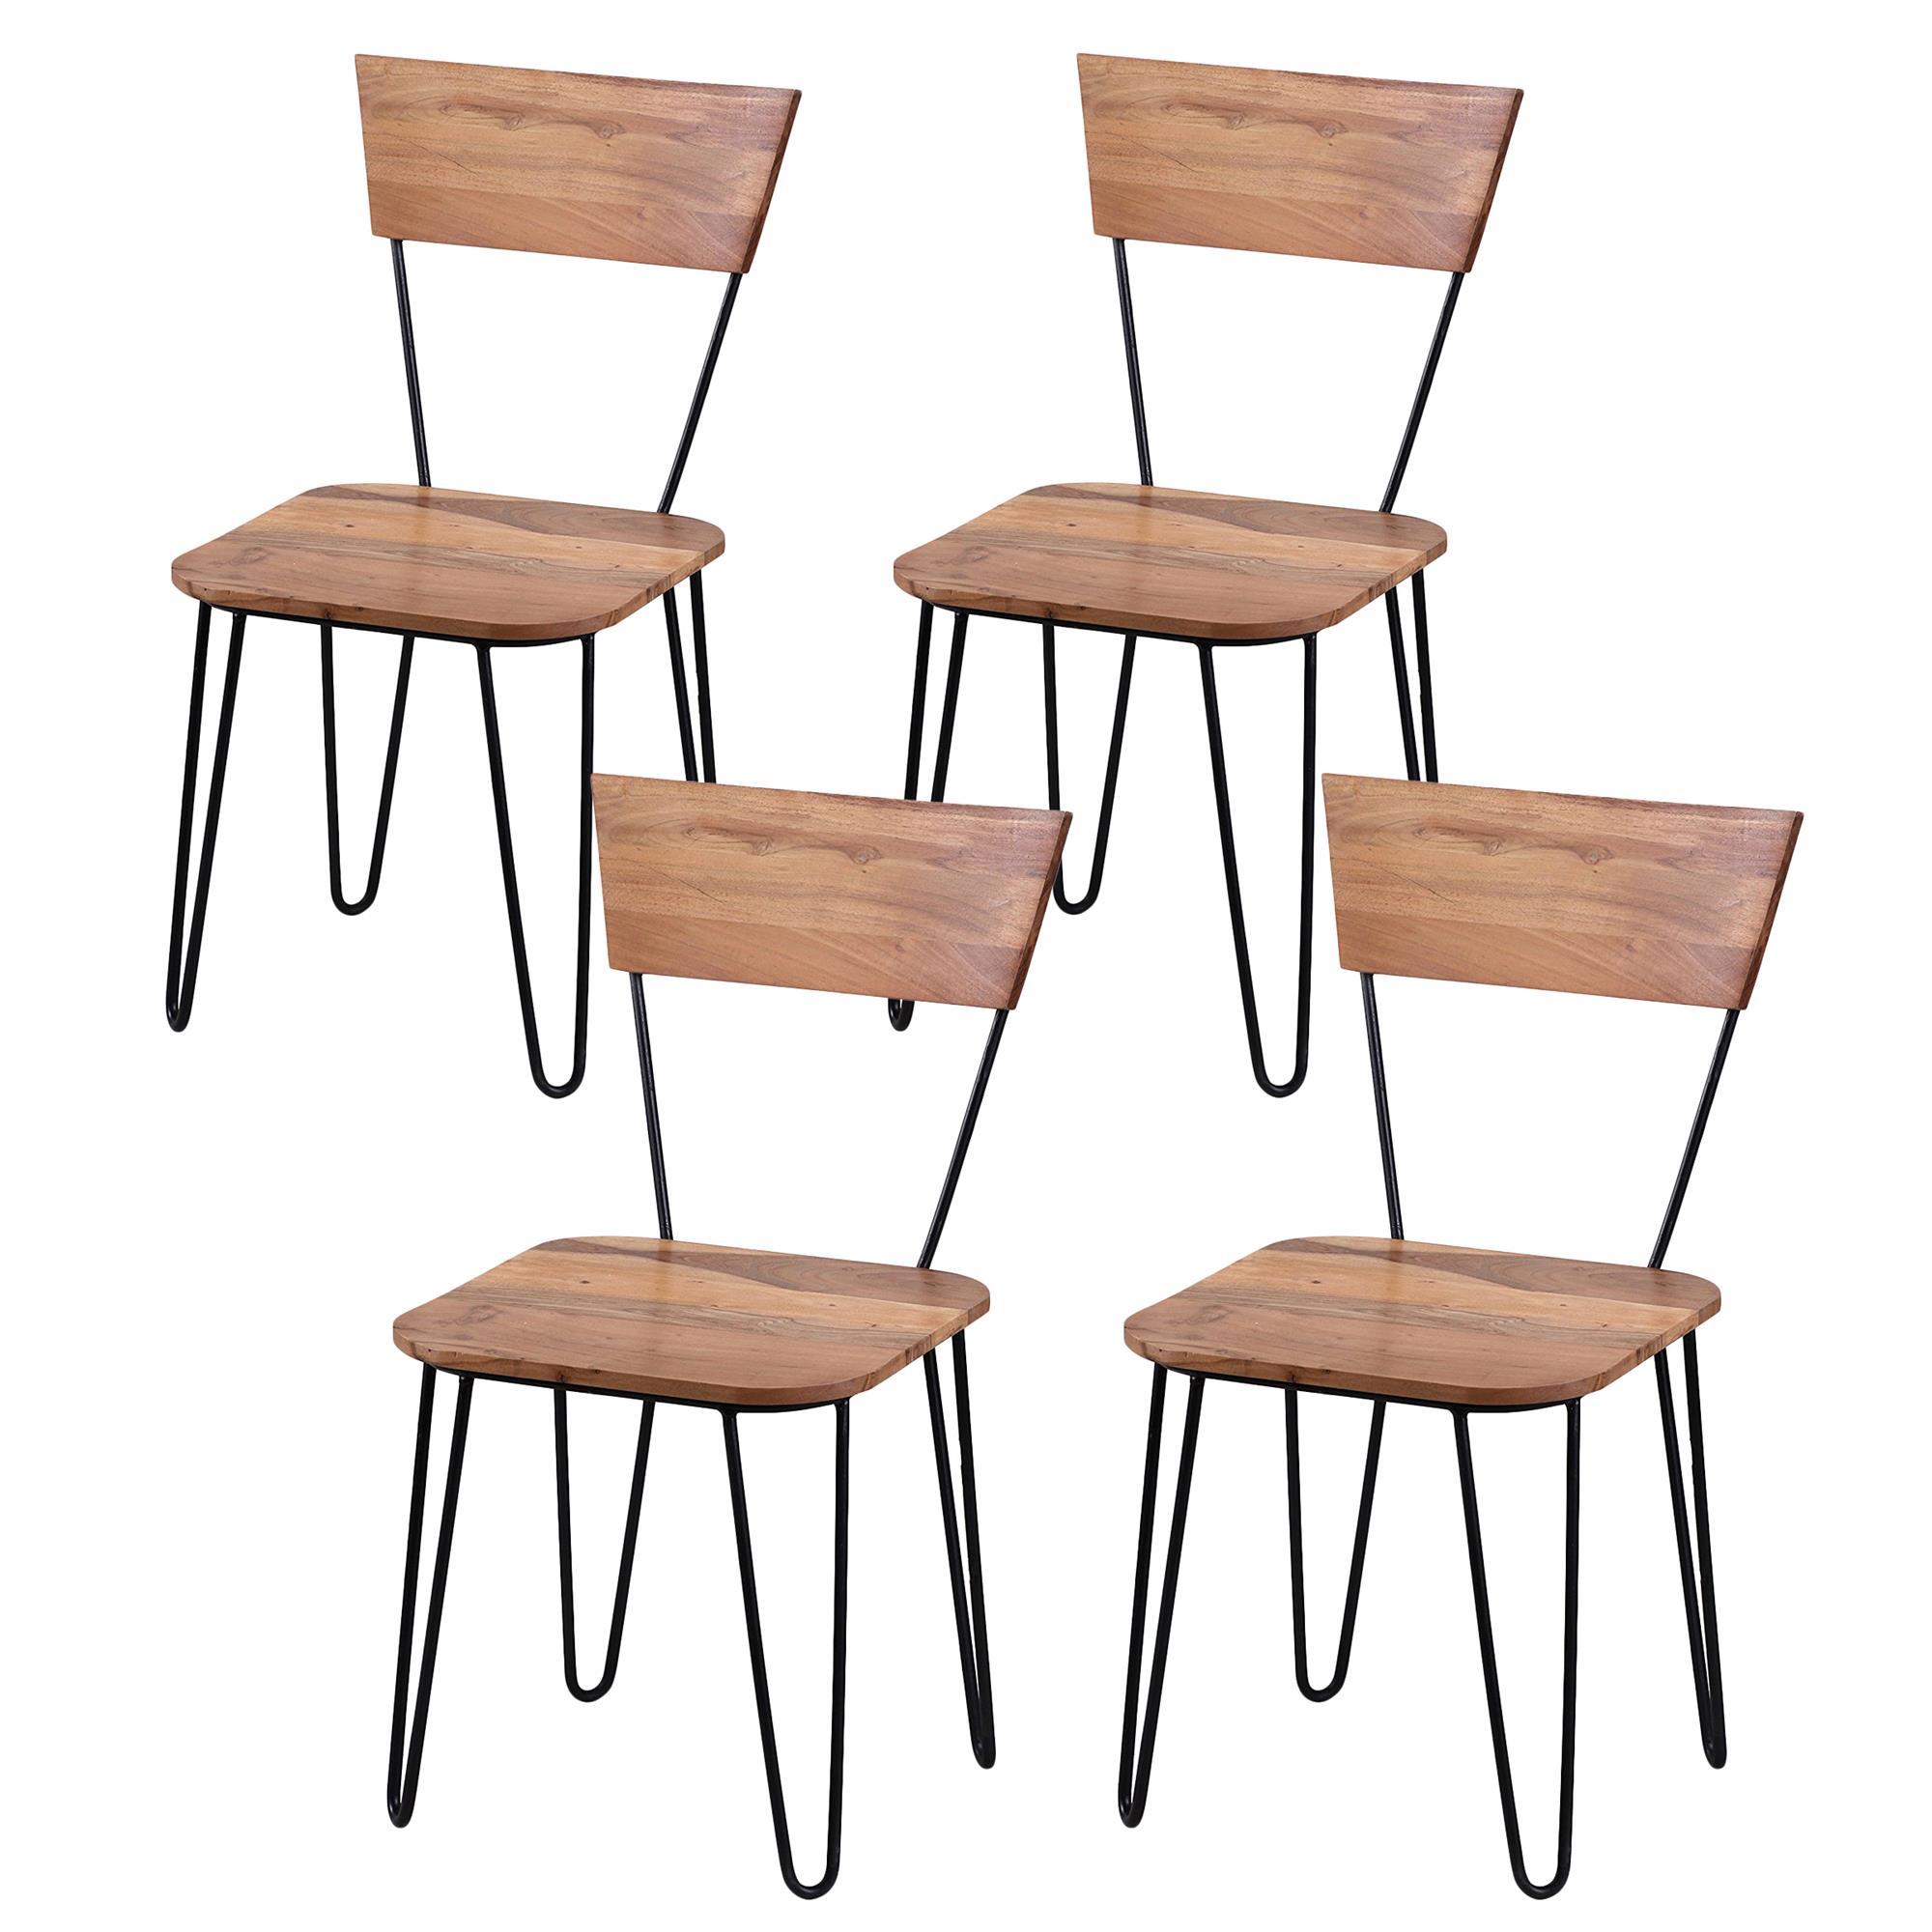 Conjunto 4 sillas de comedor olvera madera de acacia for Conjunto sillas comedor